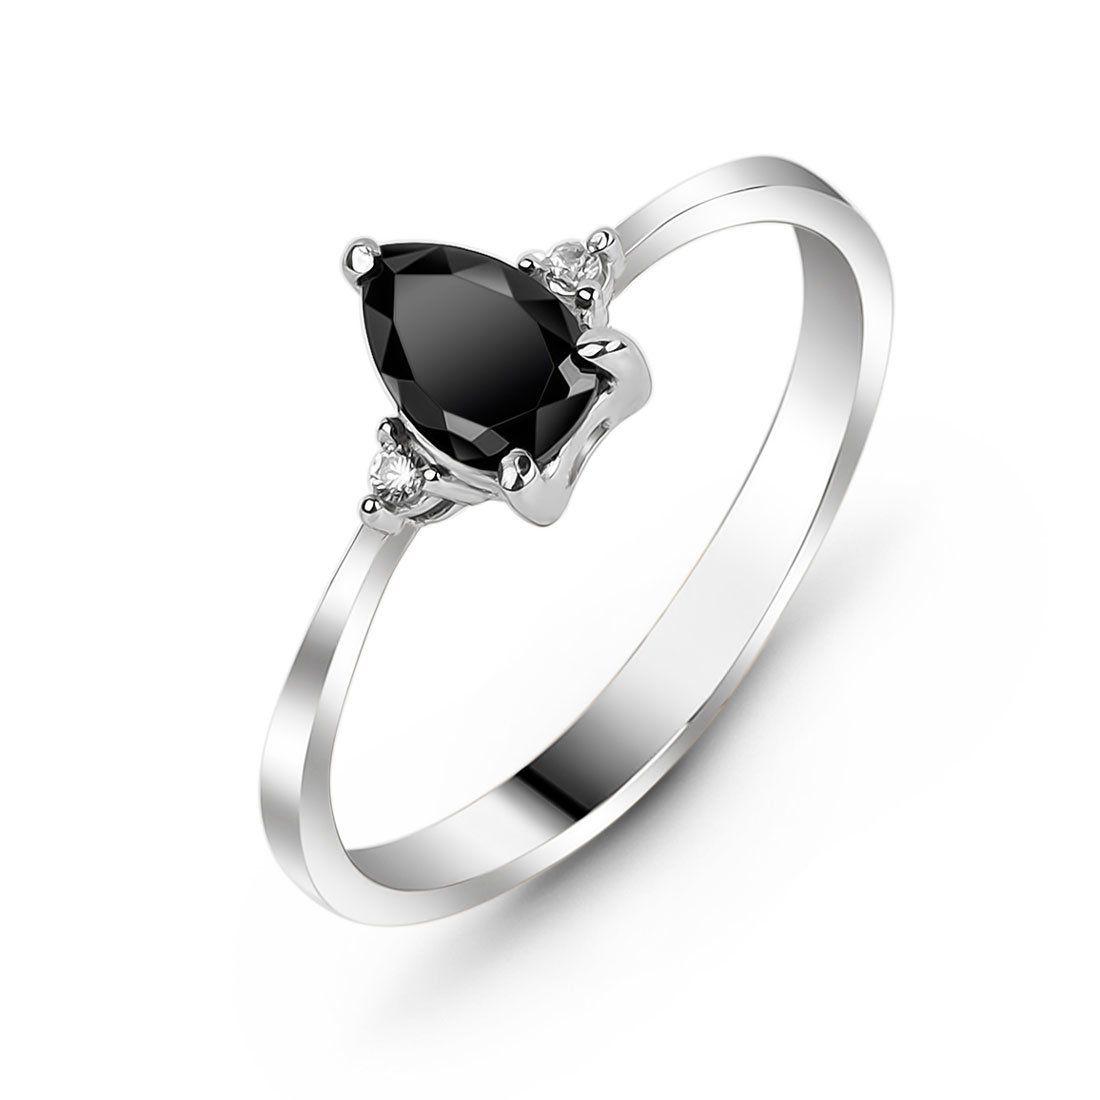 Пенелопа black diamond